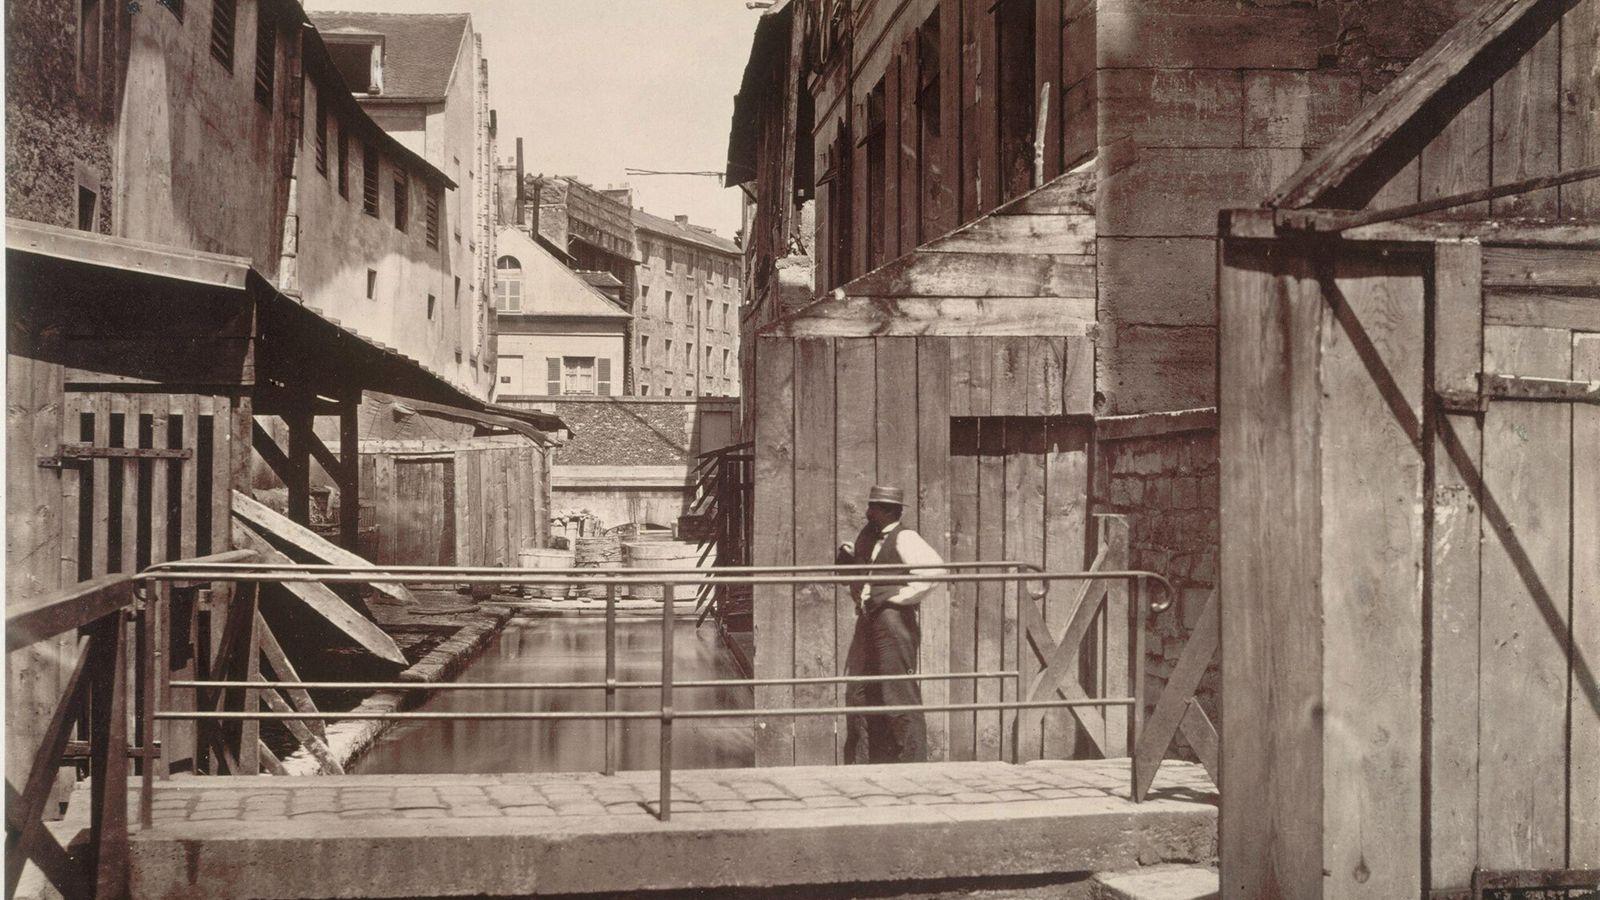 Foto tirada por volta de 1865 mostra o Bièvre e os curtumes ao longo dele, no ...